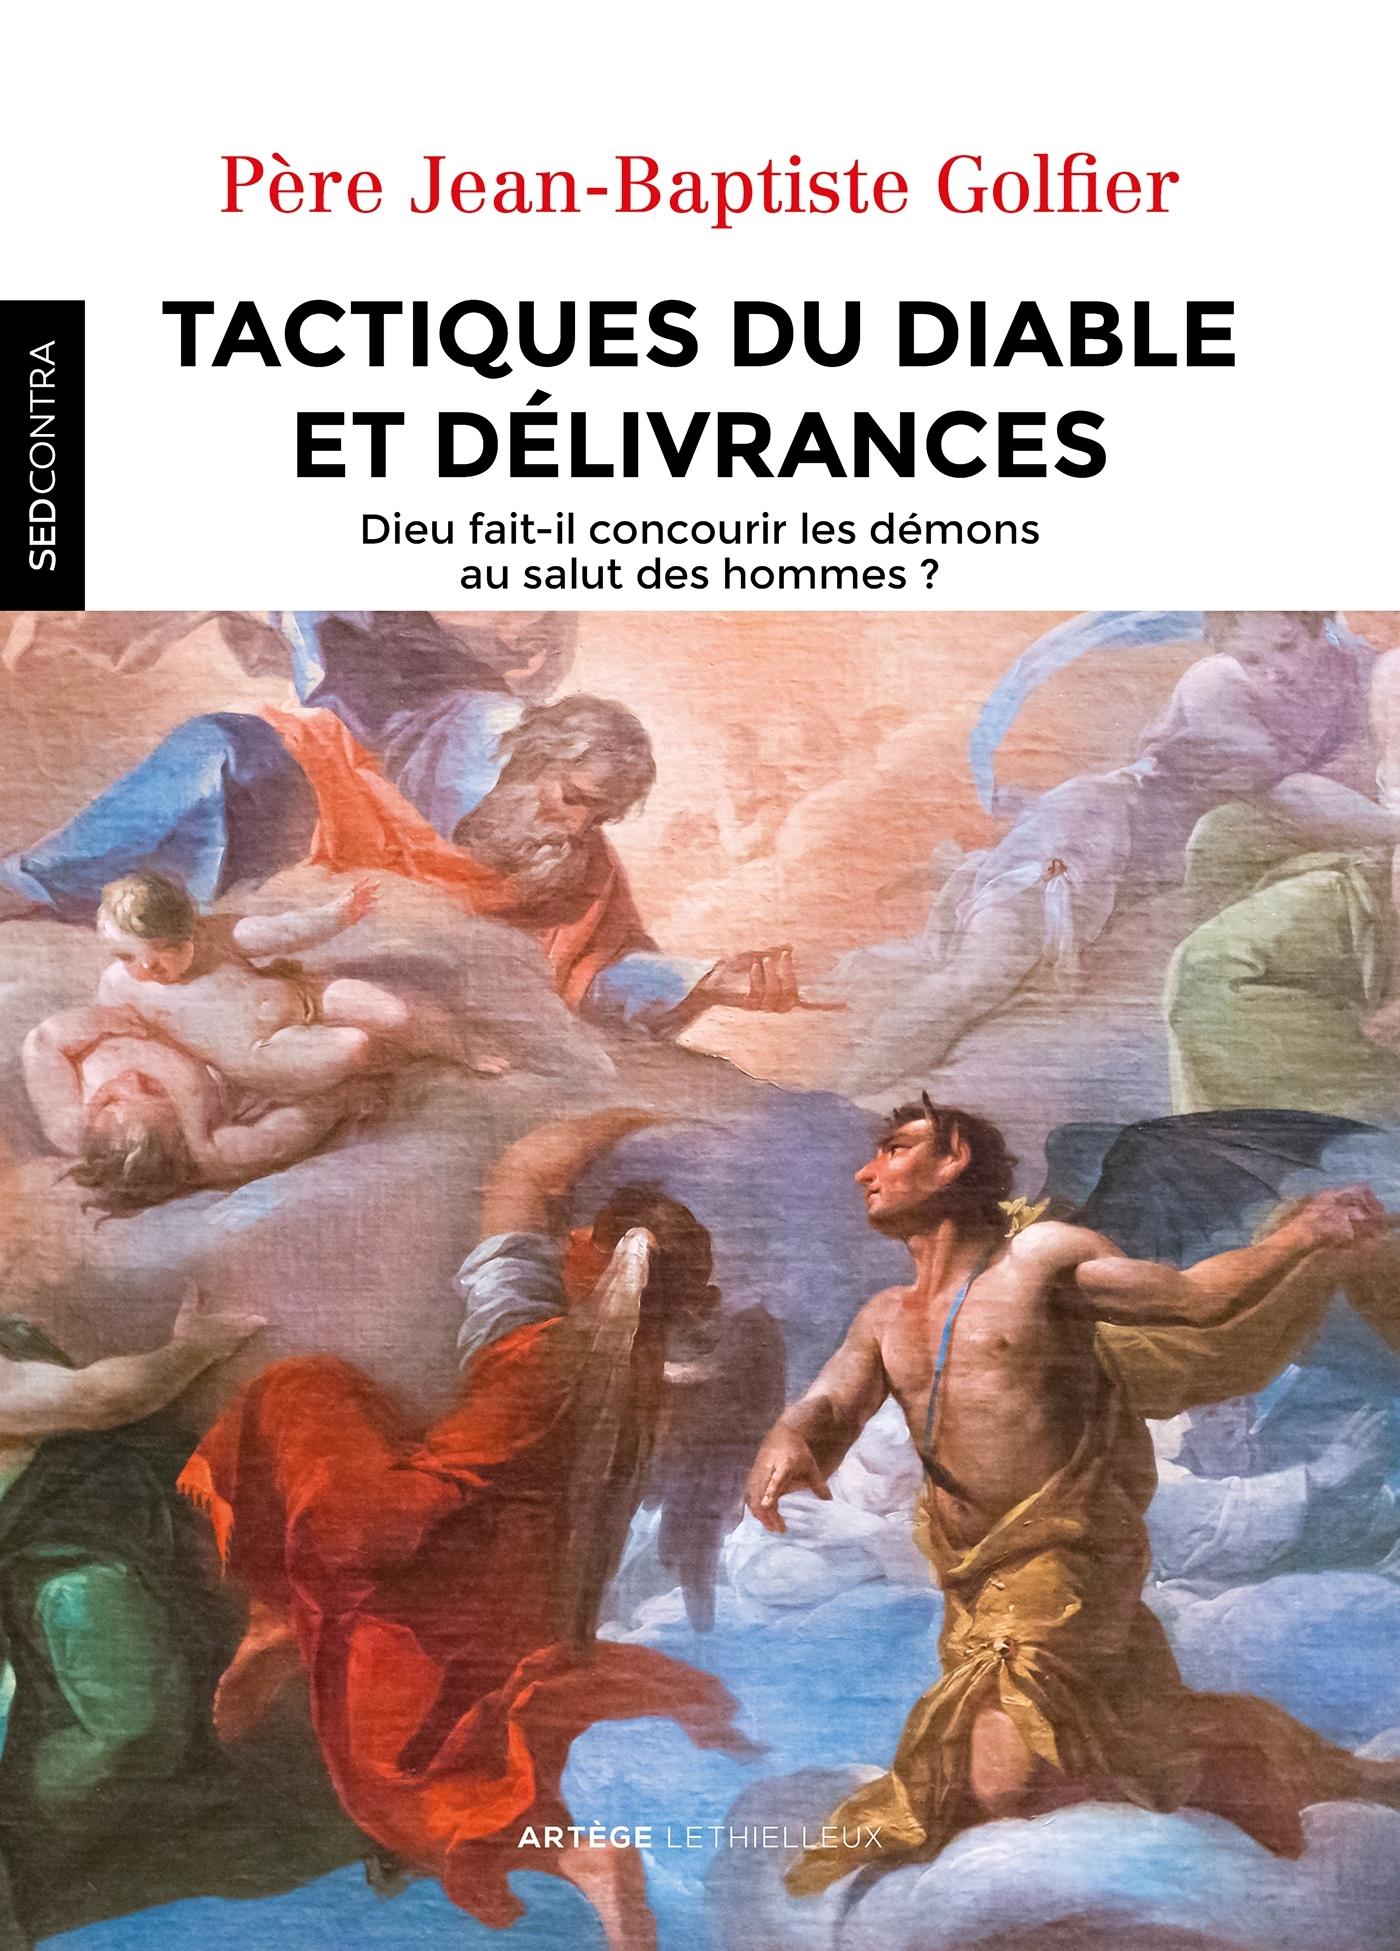 TACTIQUES DU DIABLE ET DELIVRANCES - DIEU FAIT-IL CONCOURIR LES DEMONS AU SALUT DES HOMMES ?